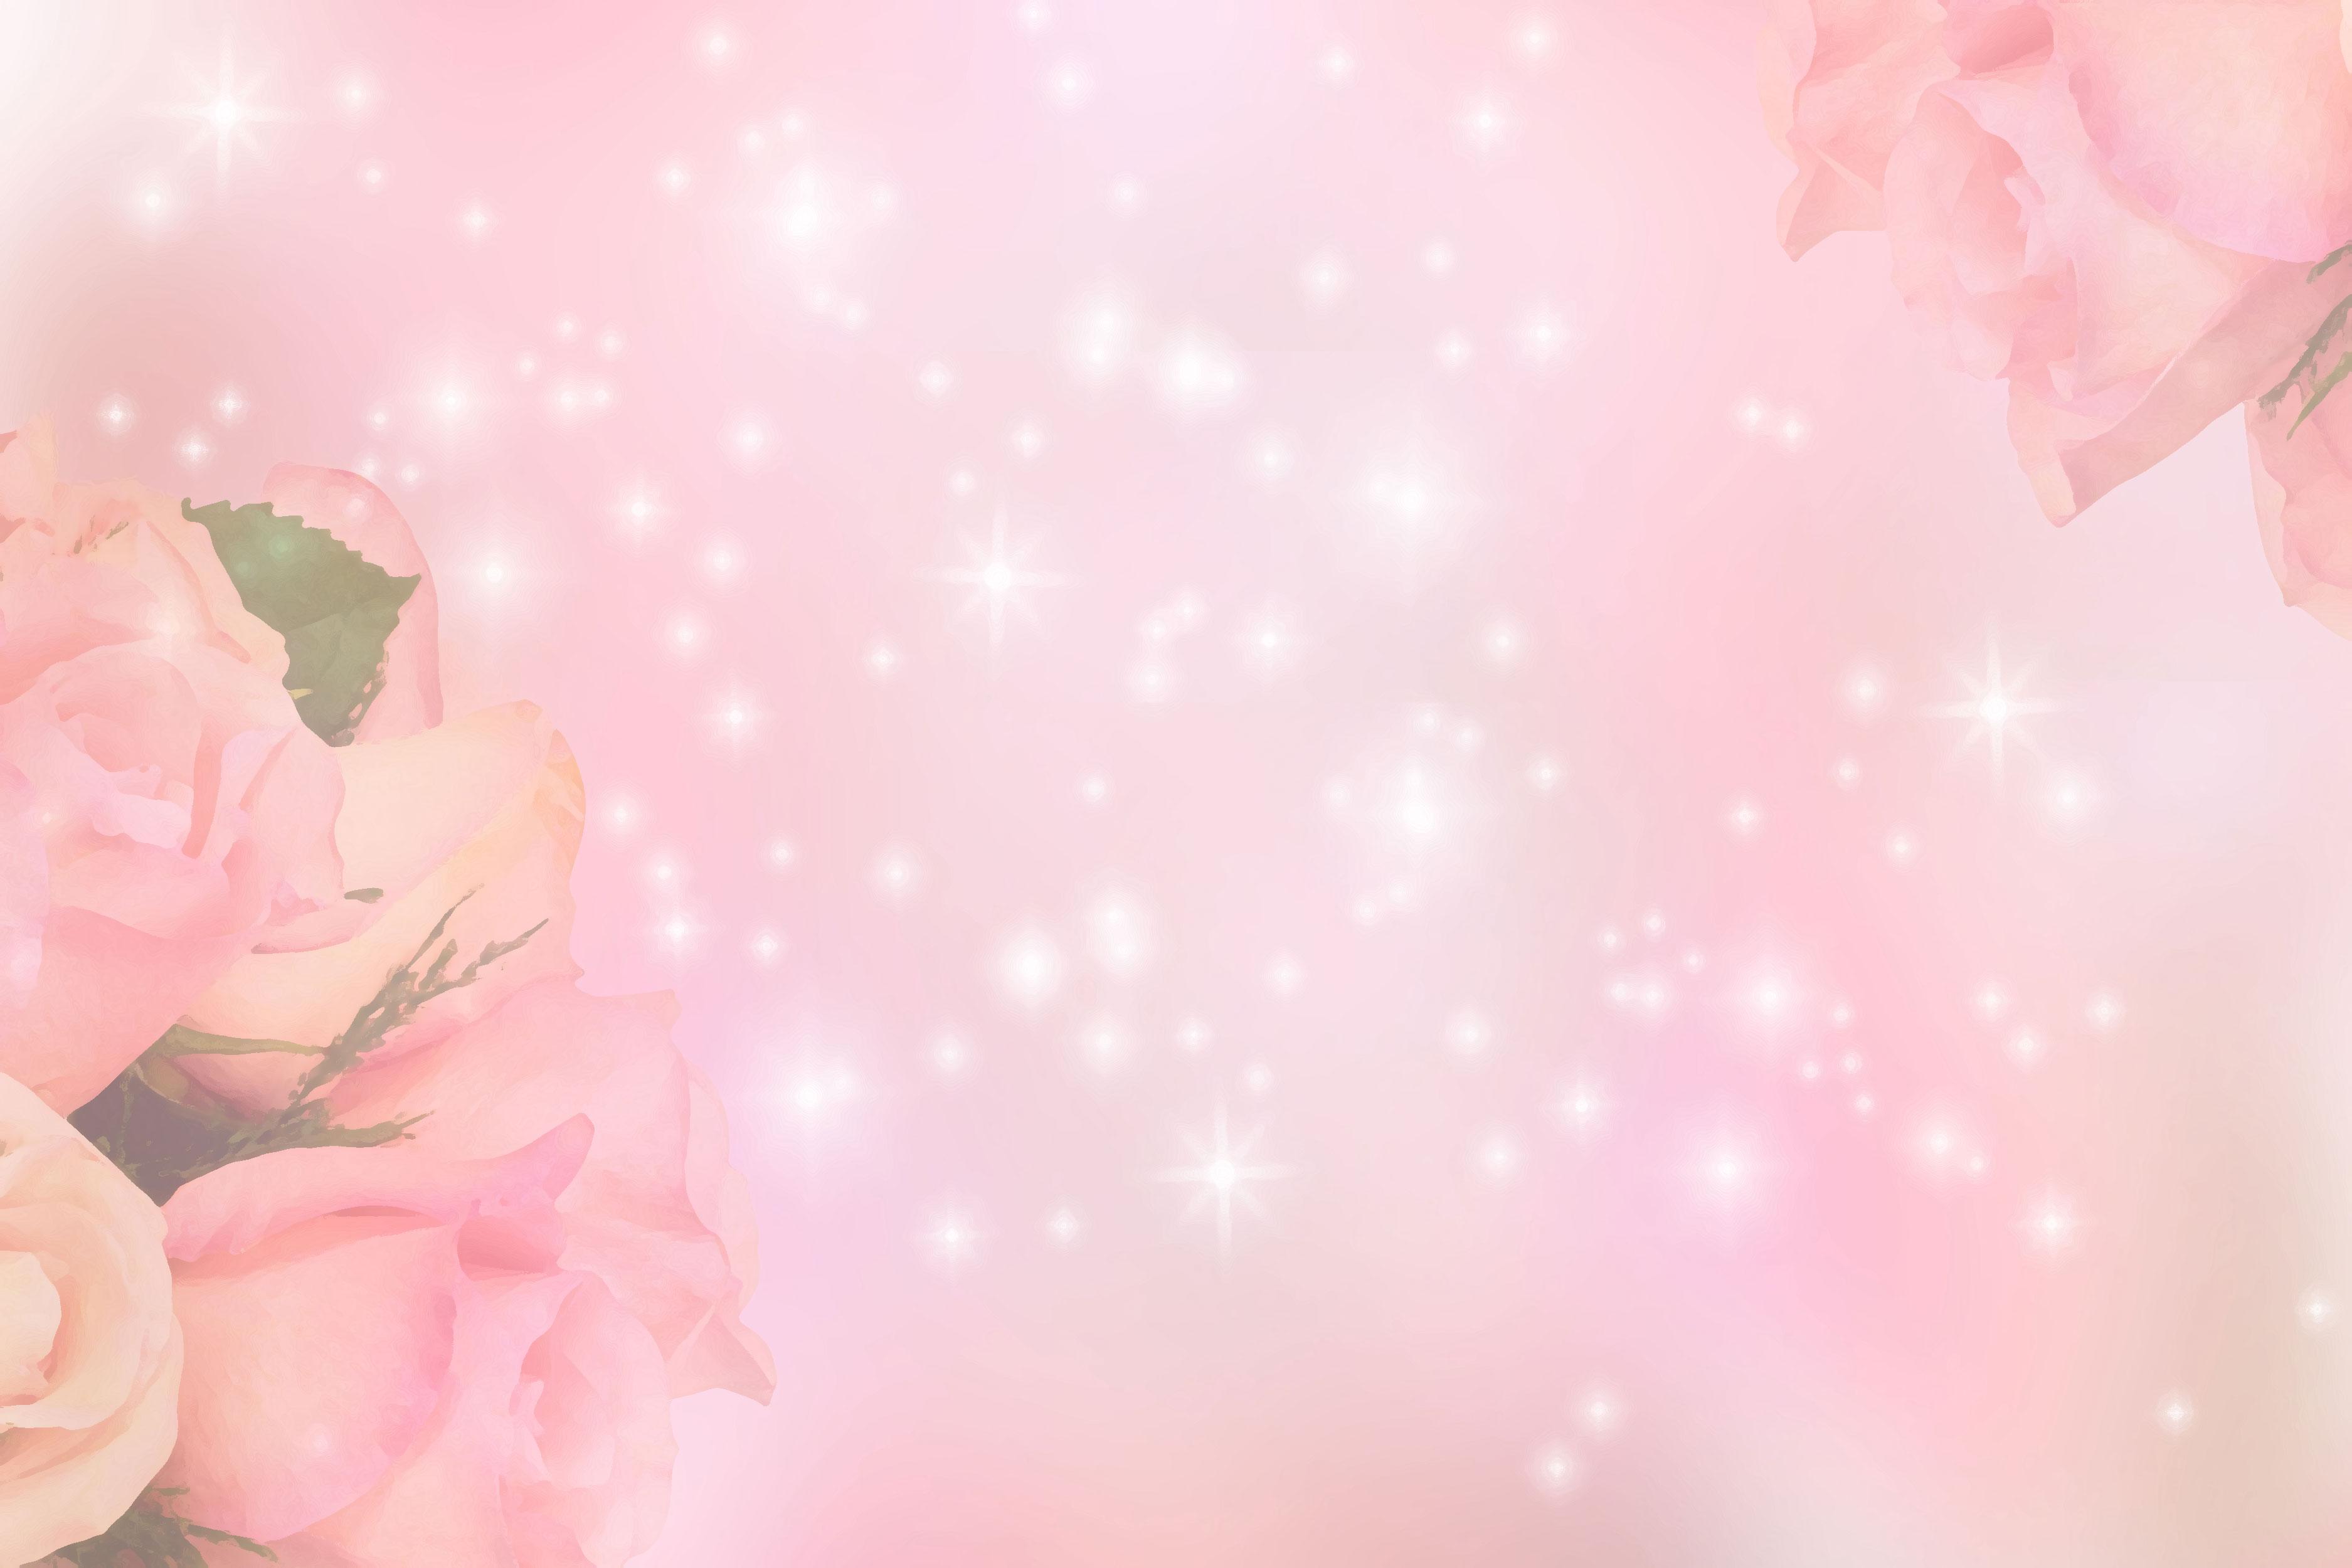 花のイラスト・フリー素材/壁紙・背景no.070『バラ・ピンク・光輝く』